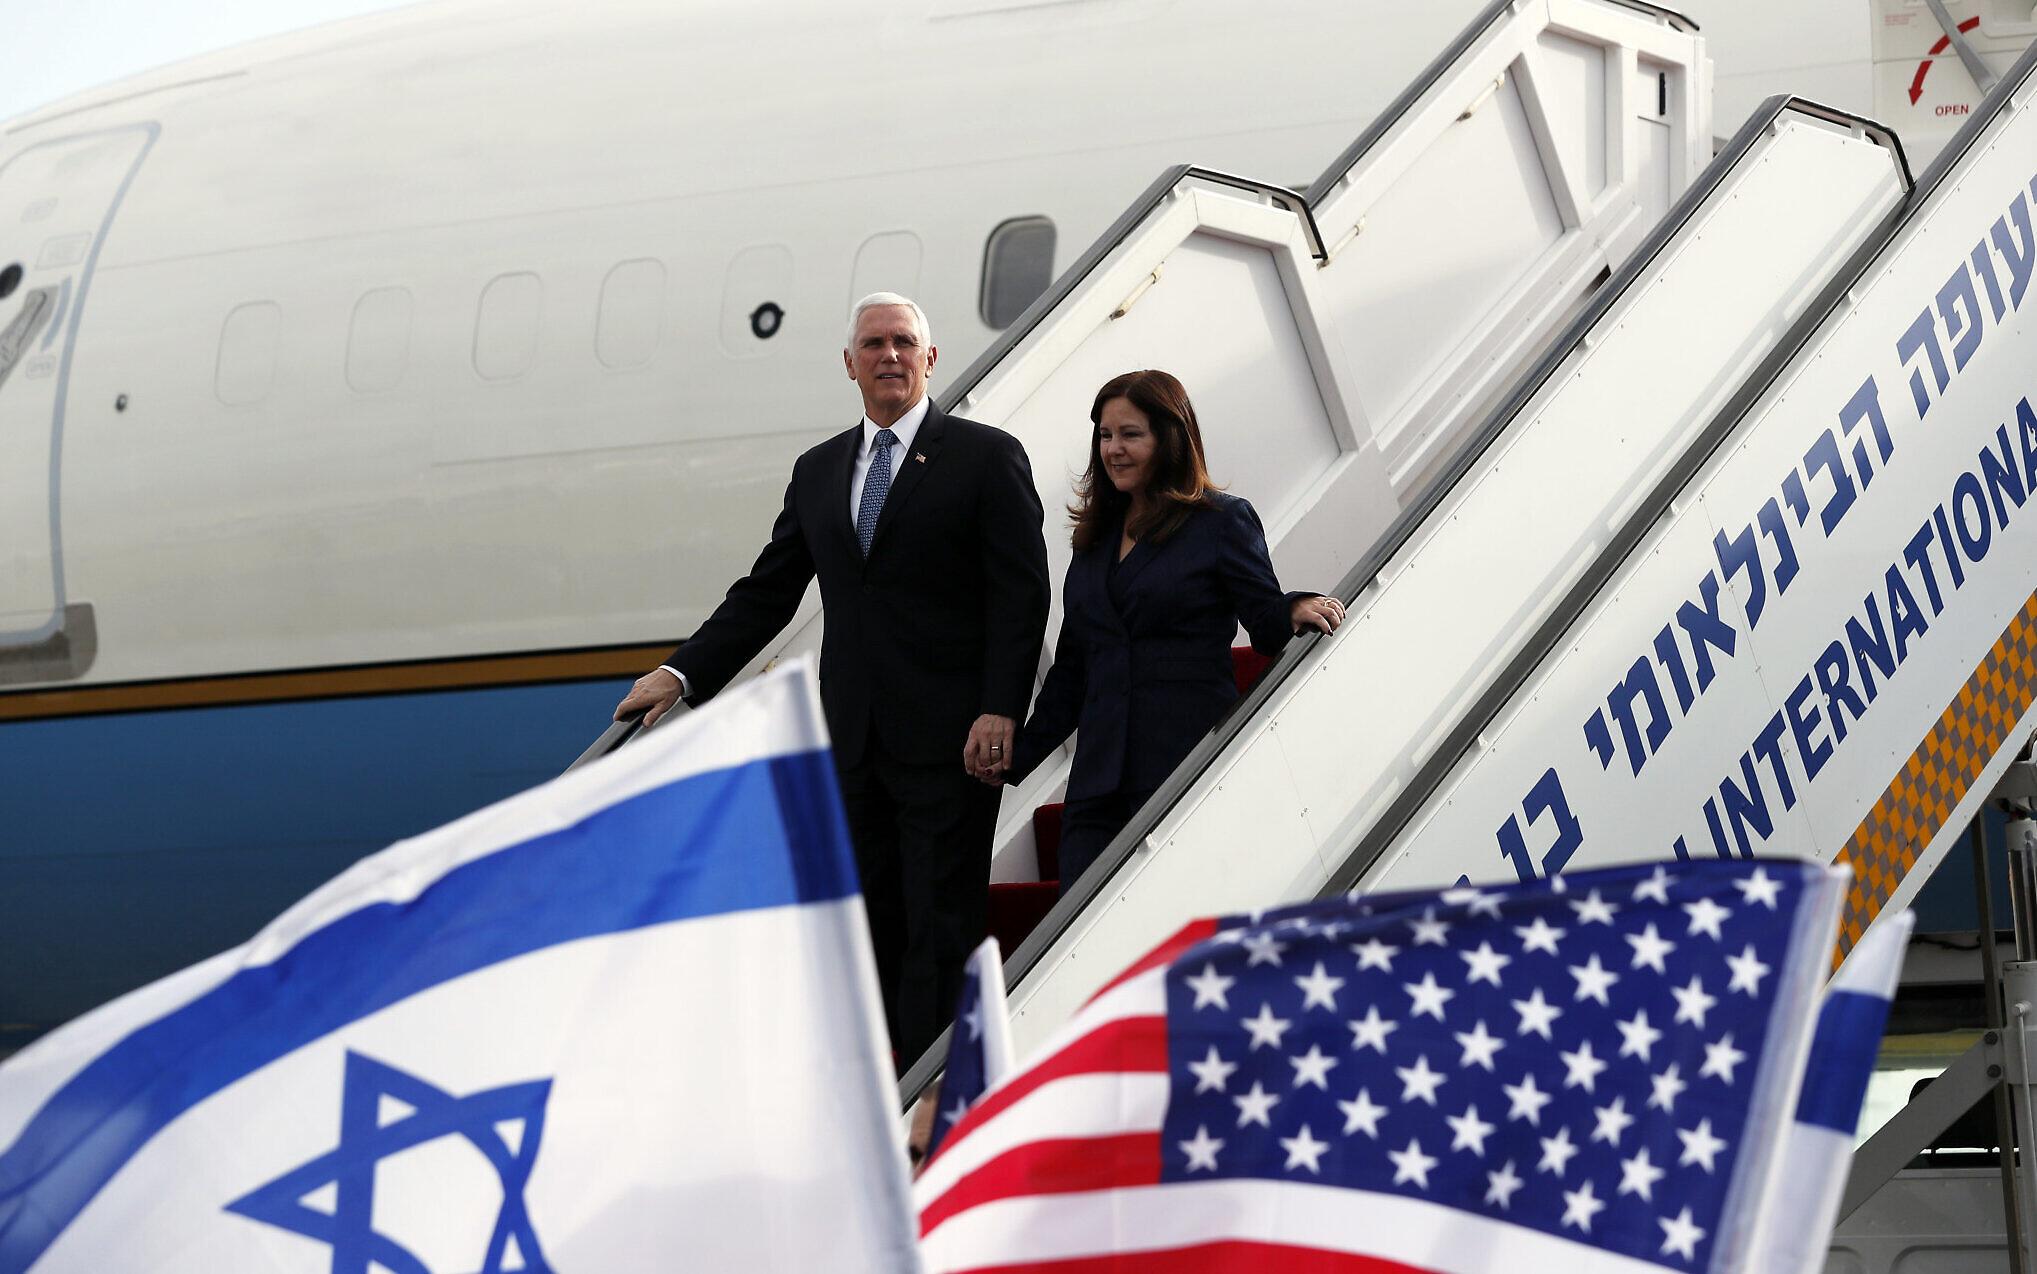 Pence said planning Israel visit a week before Biden's ...